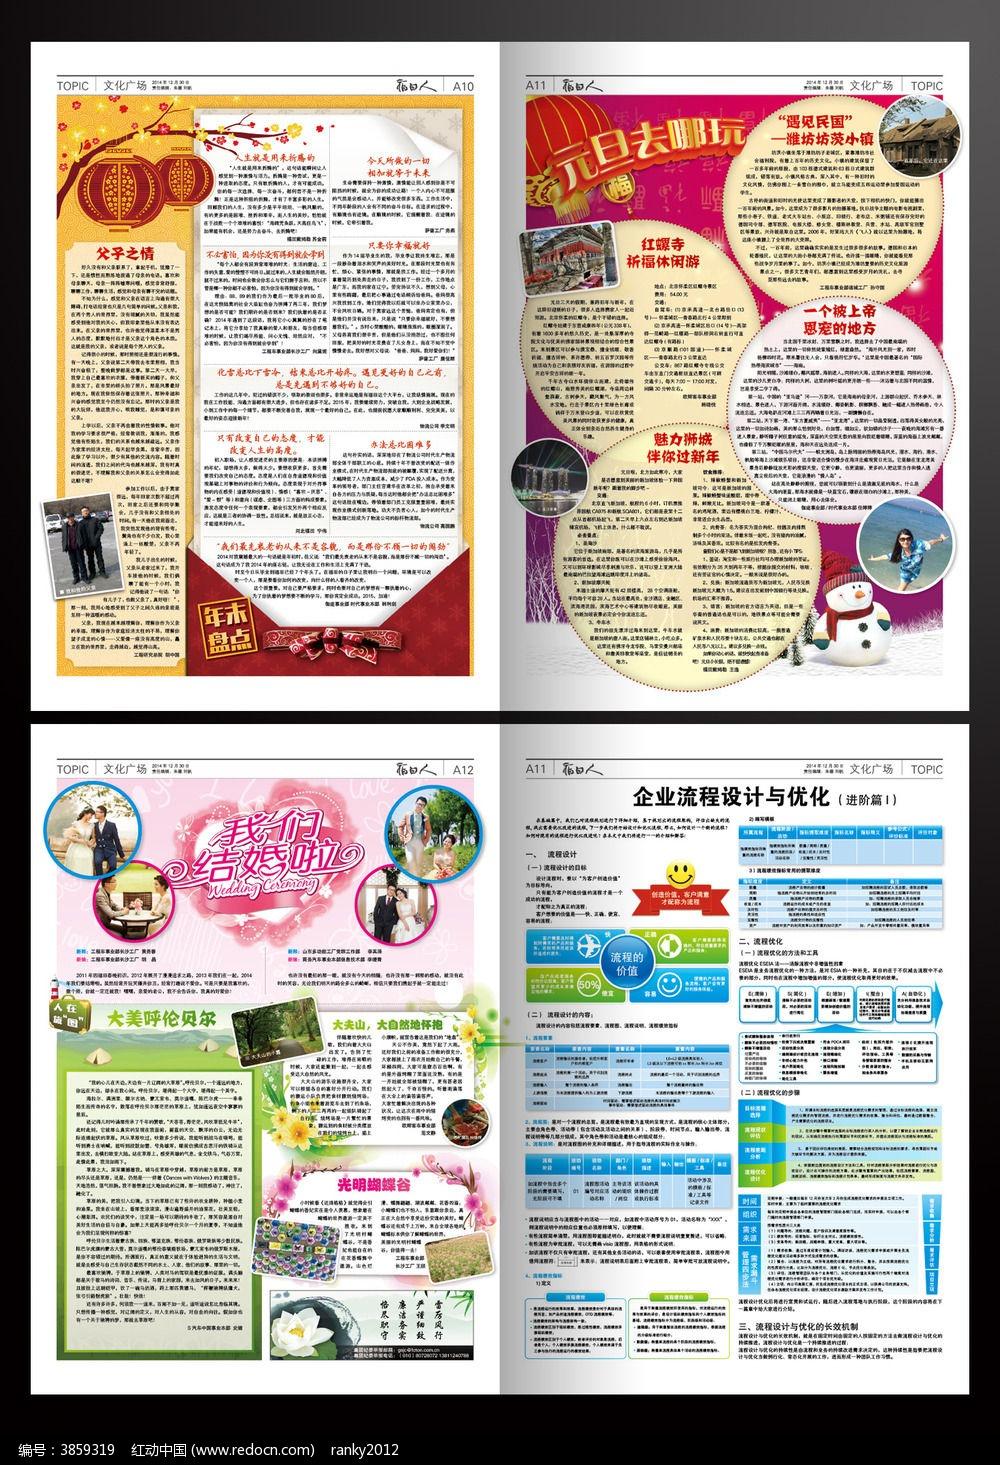 企业报纸版面排版设计图片